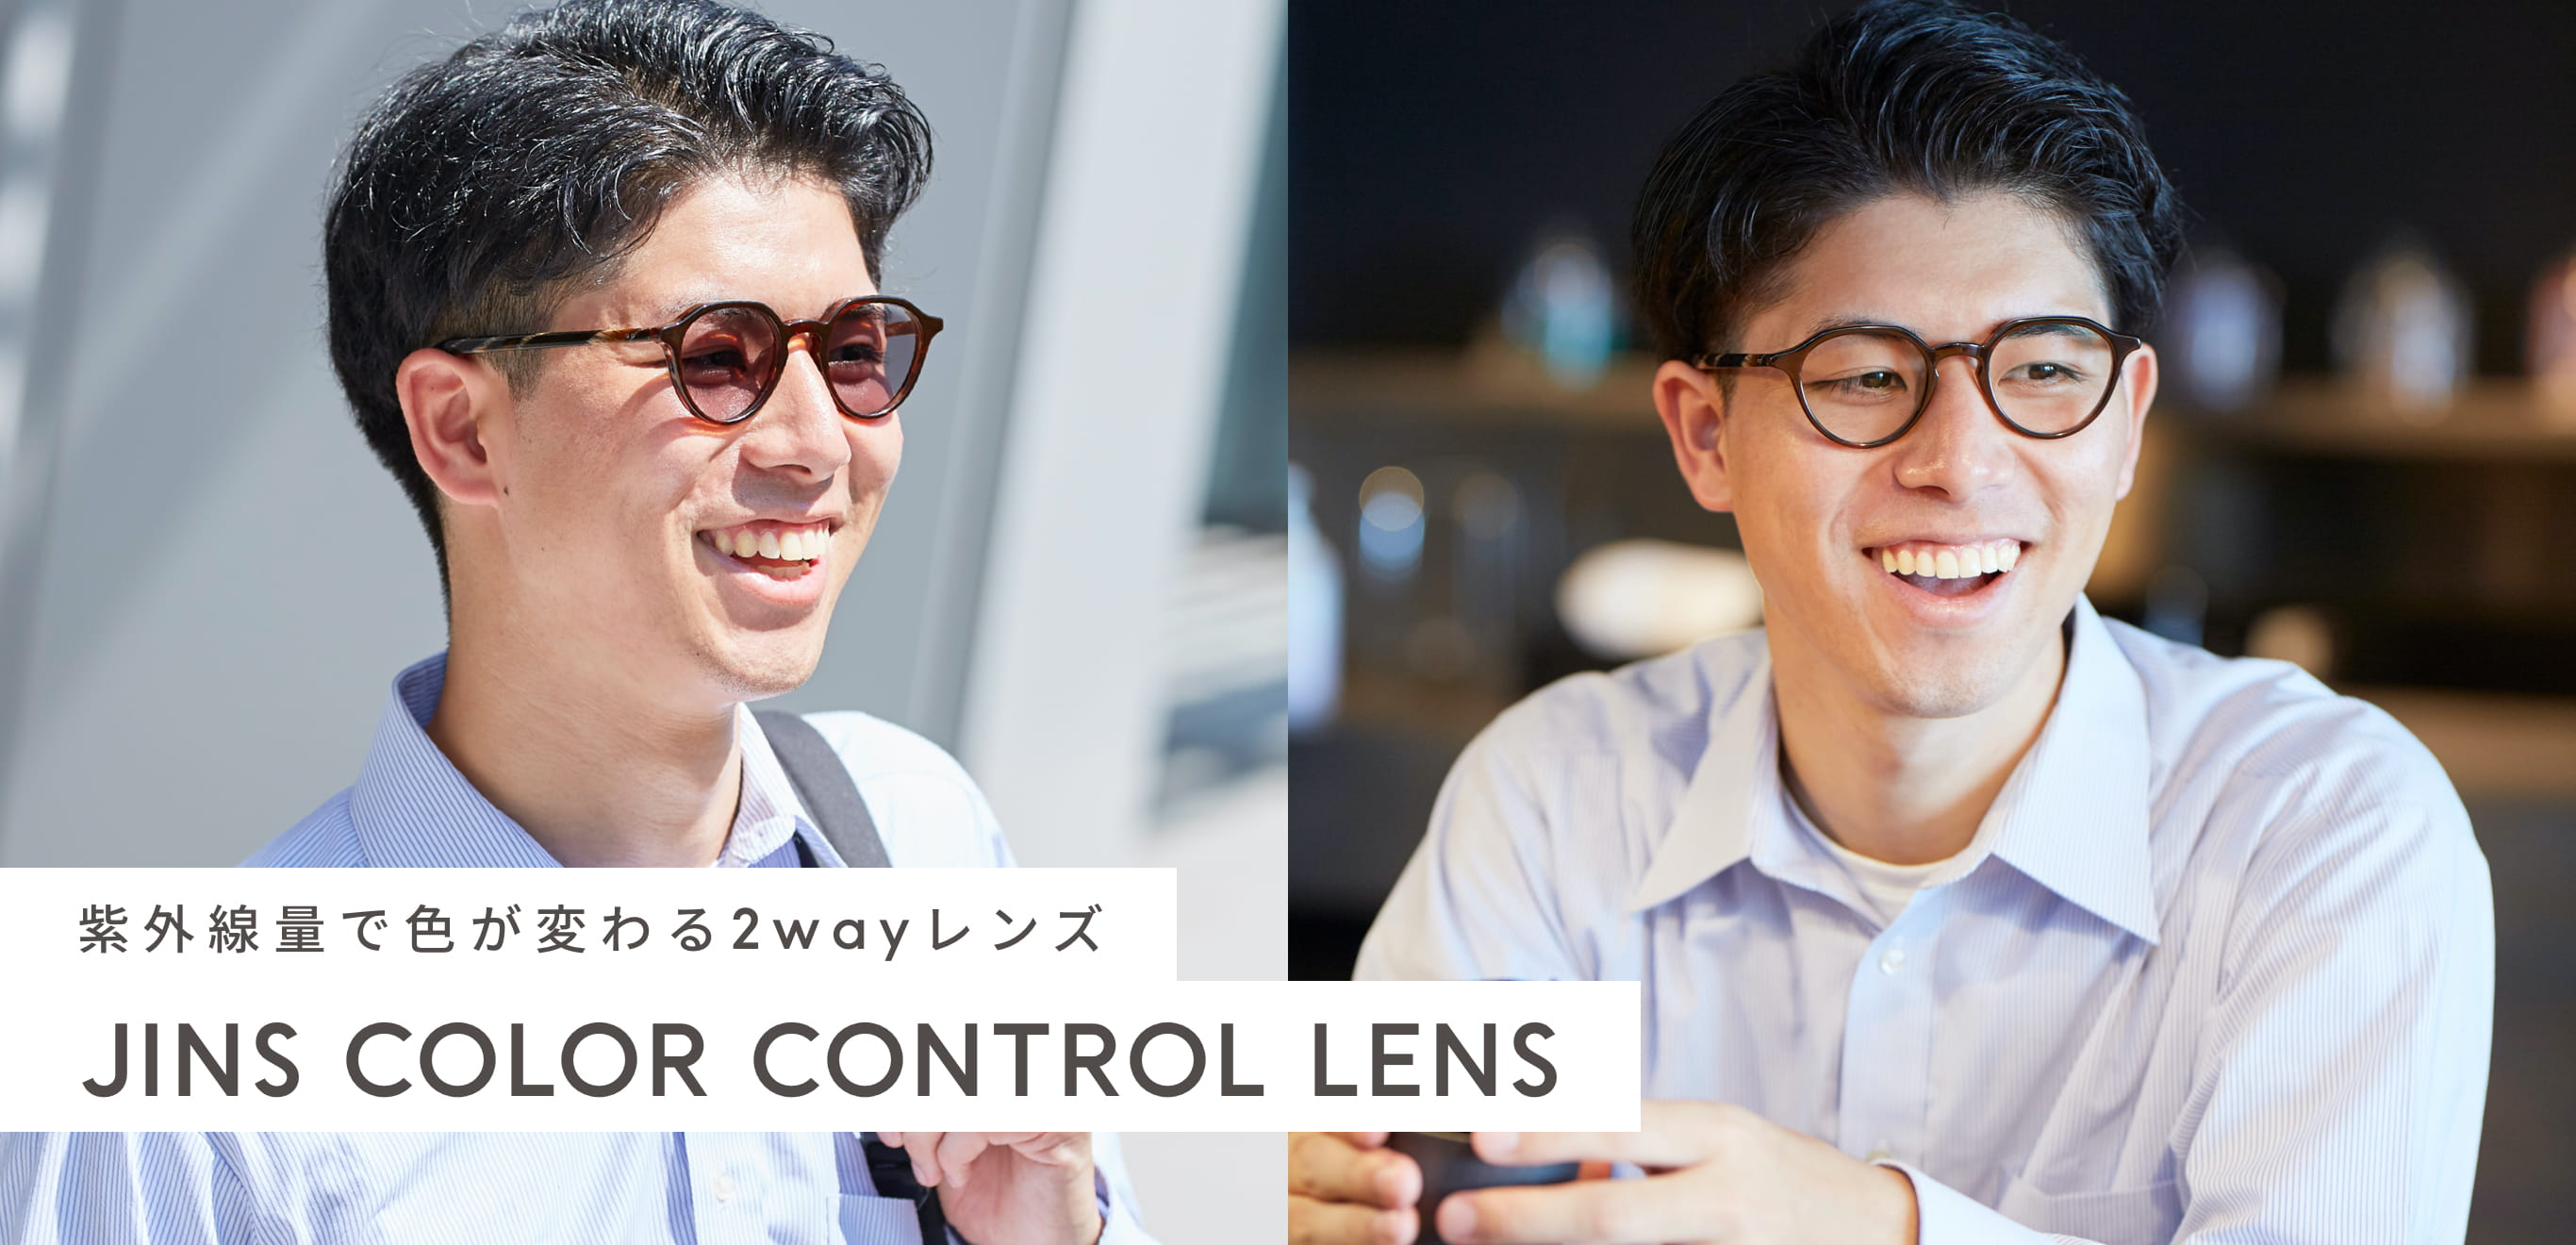 レンズ 交換 ジンズ JINSの保証期間内にできること フレーム交換・レンズ交換、返品について